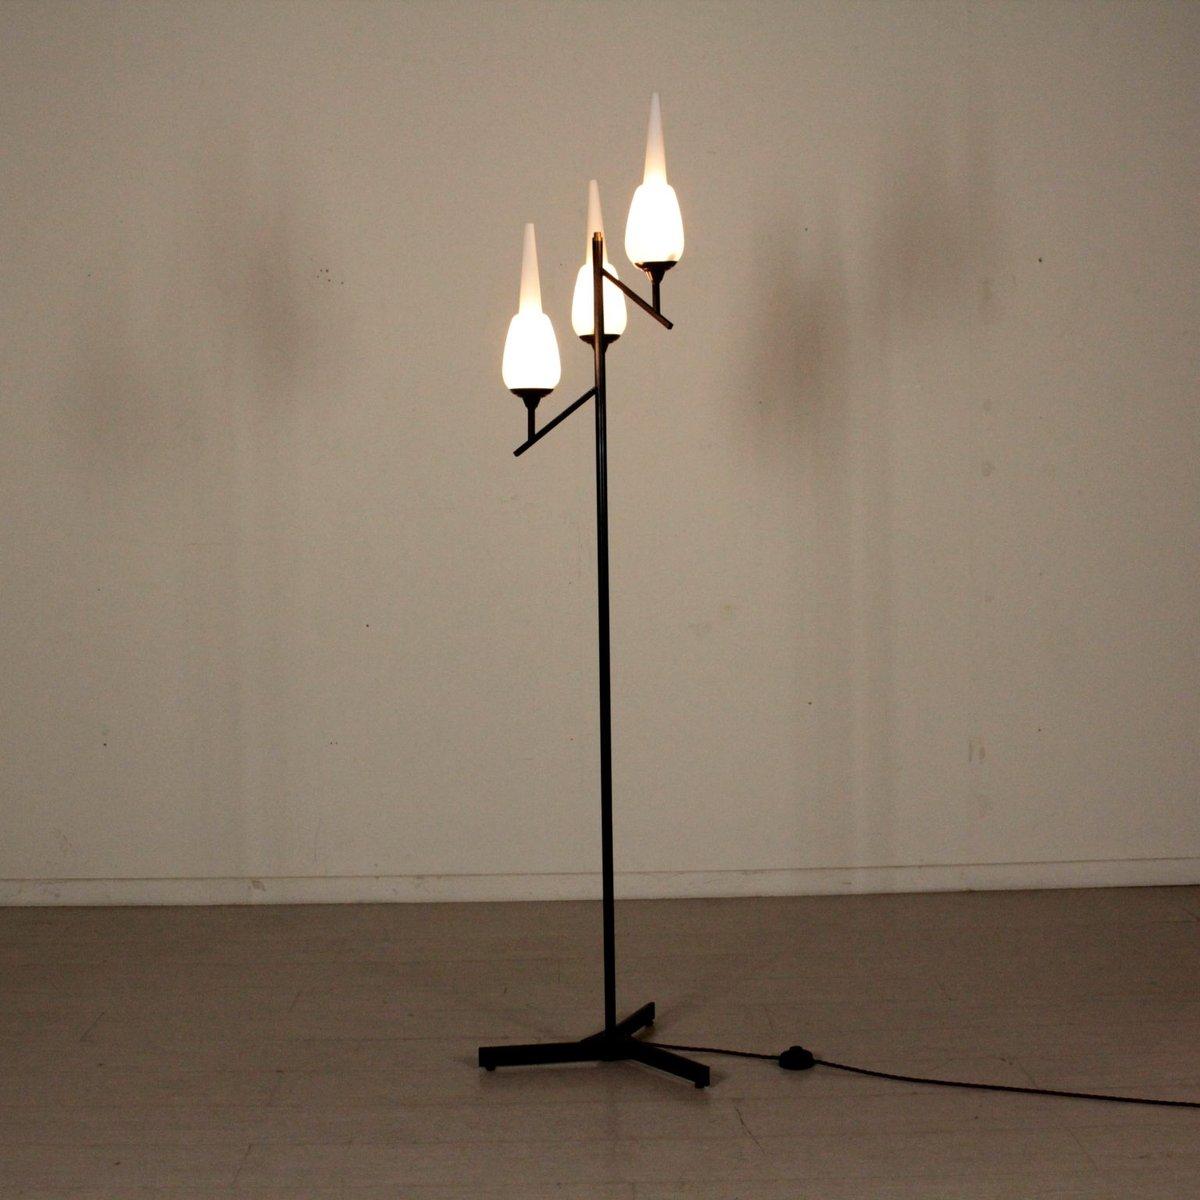 italienische vintage stehlampe mit opalglas schirm 1960er bei pamono kaufen. Black Bedroom Furniture Sets. Home Design Ideas